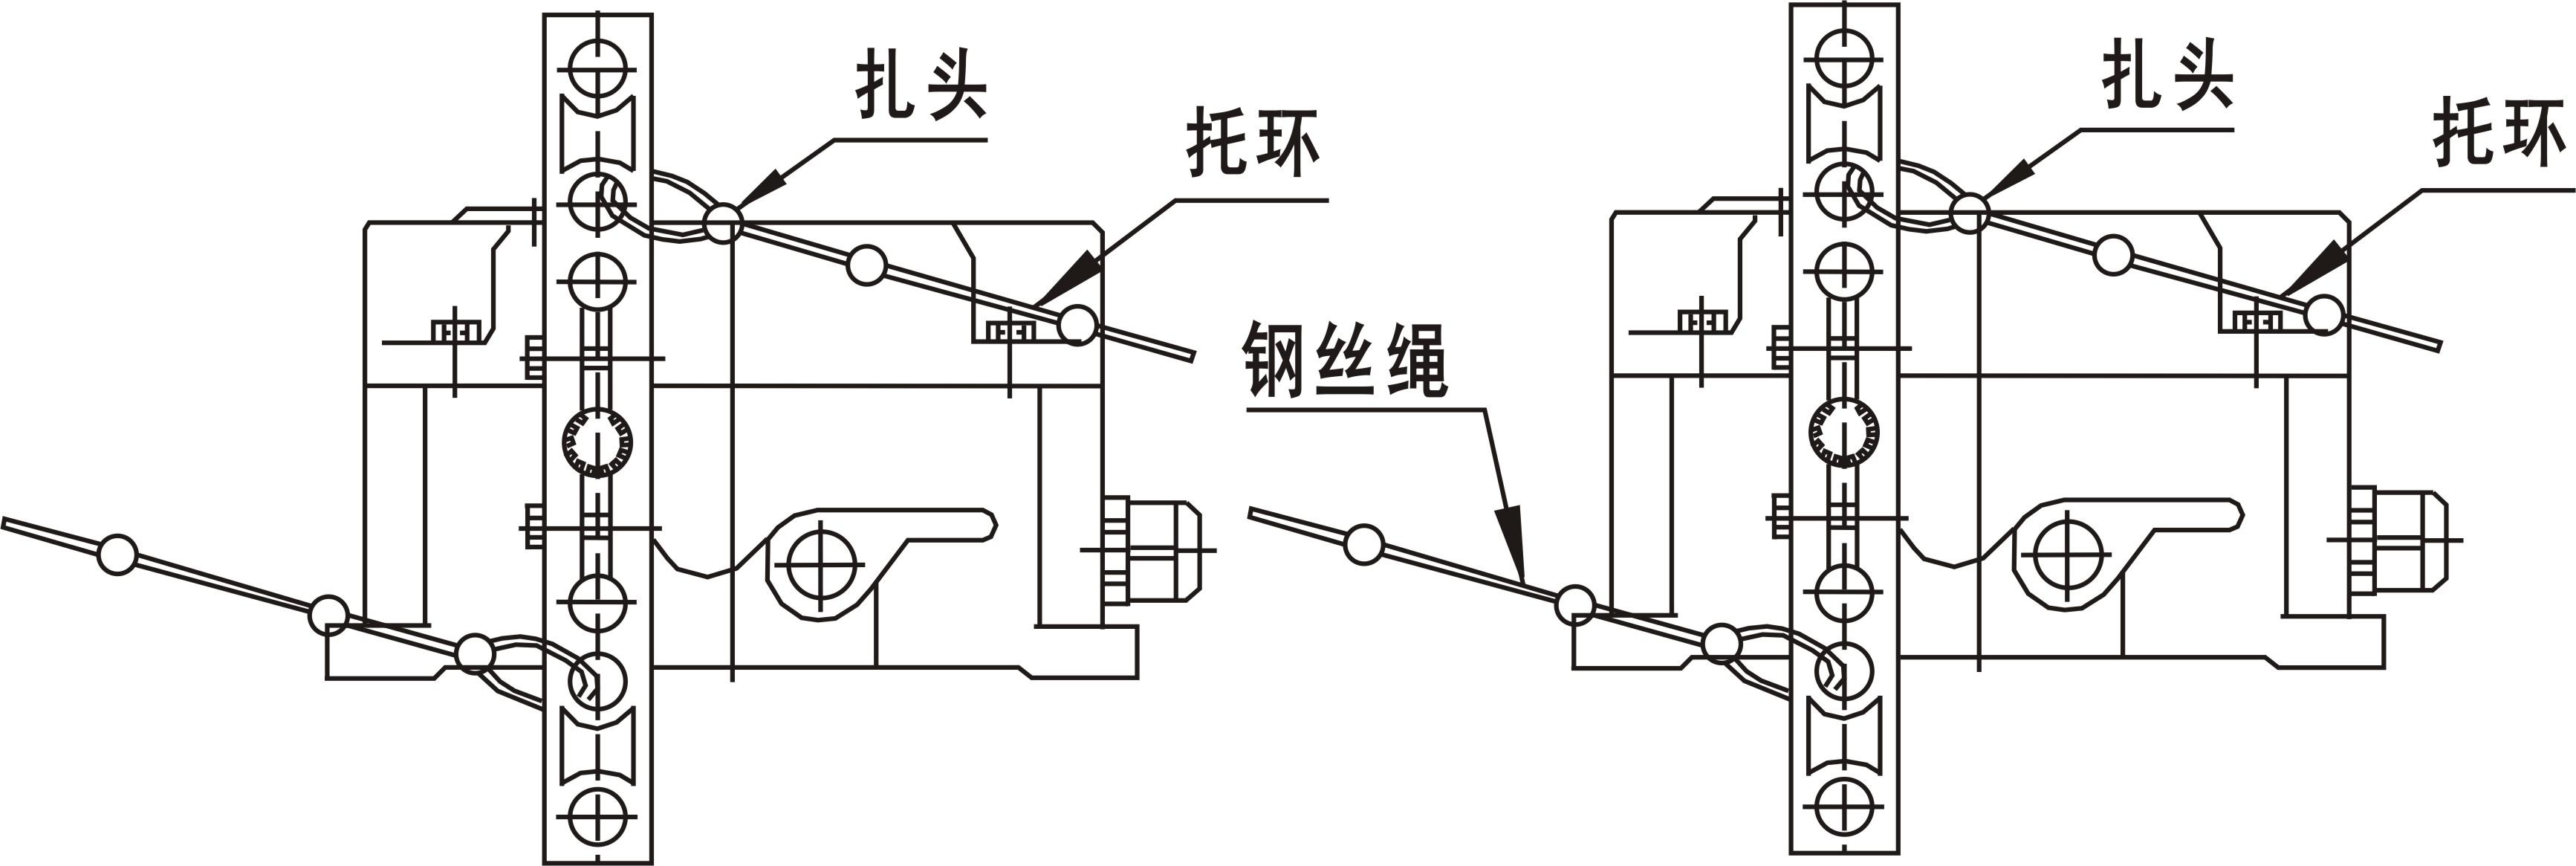 双向拉绳开关_皮带拉绳控制器(jsb/kls-2,jsb/kls-ii)